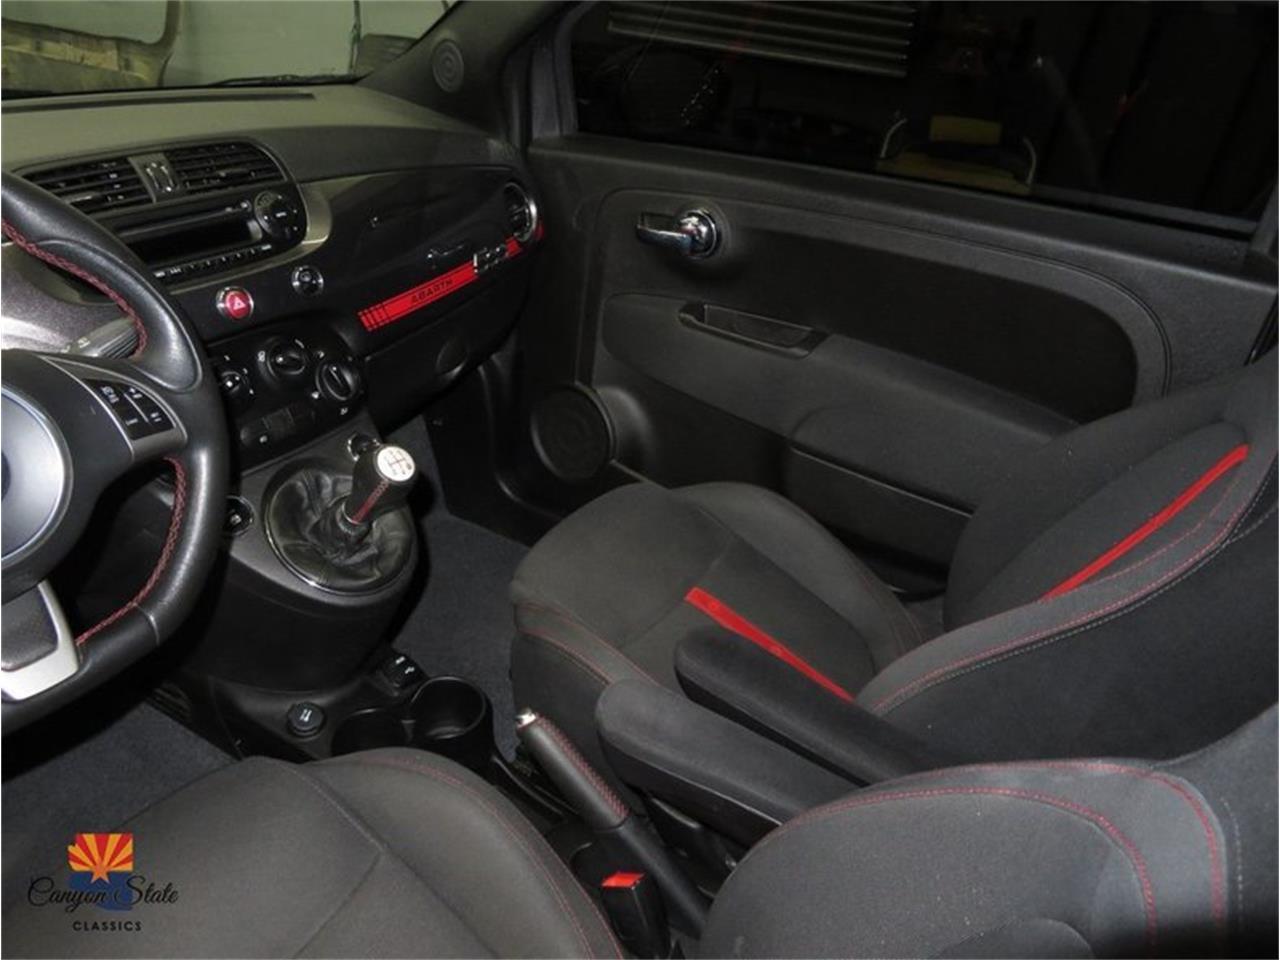 2015 Fiat 500L (CC-1412838) for sale in Tempe, Arizona